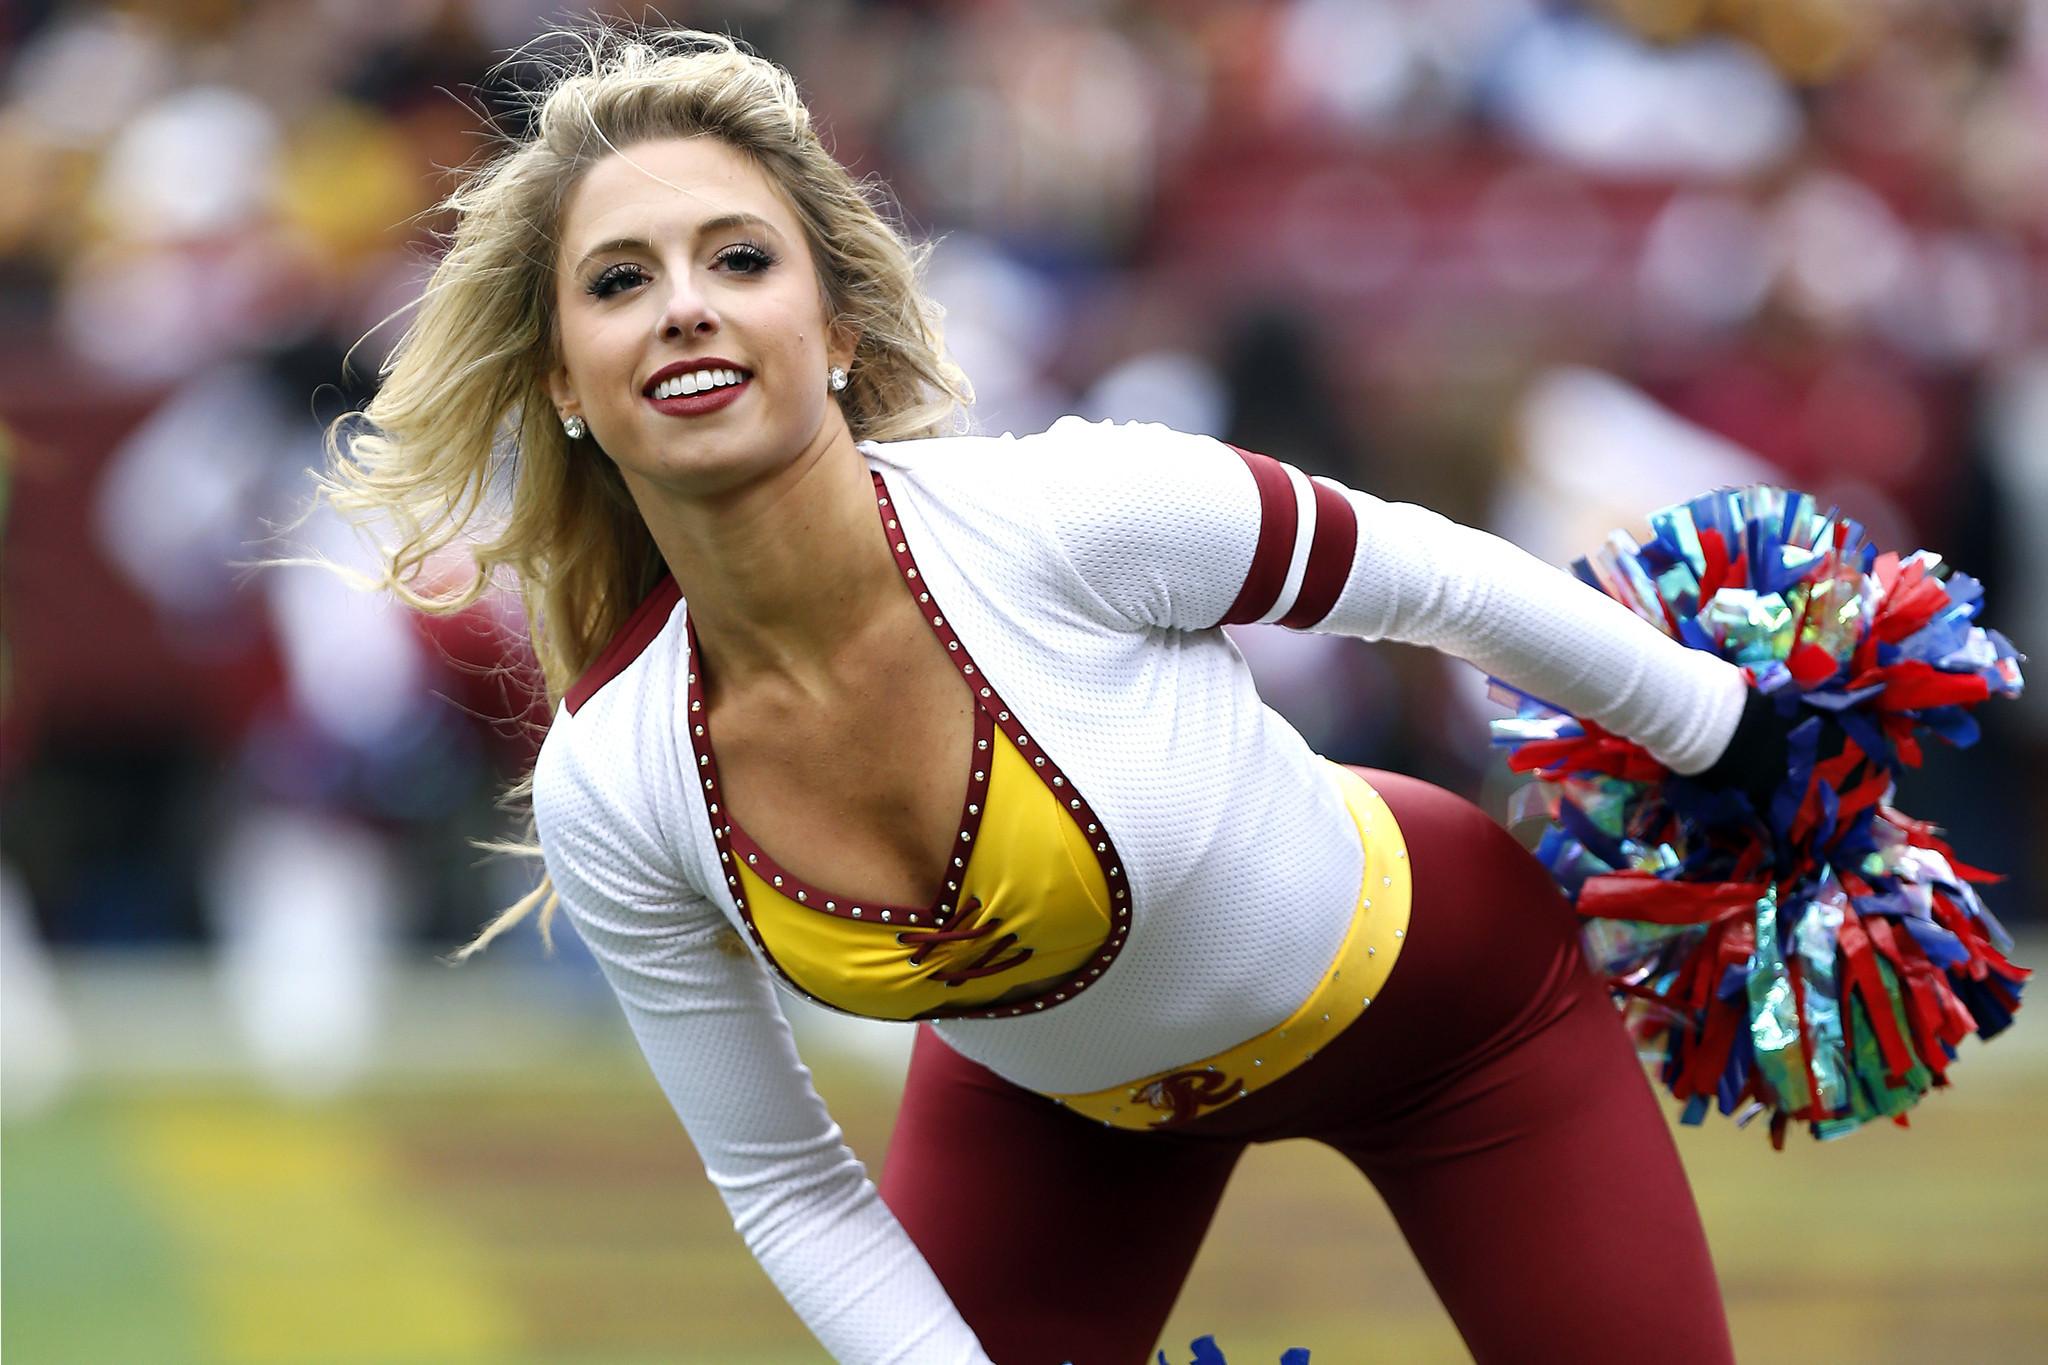 Die heien Cheerleader der NFL-Teams - rande